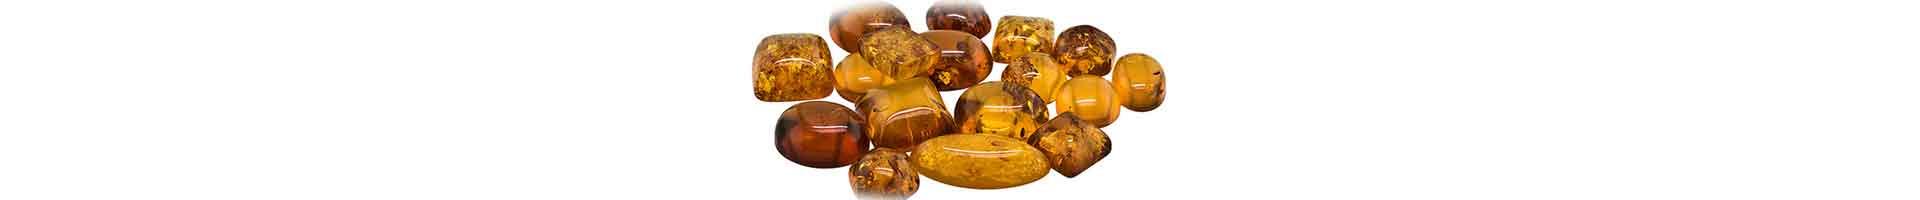 سنگ های قیمتی